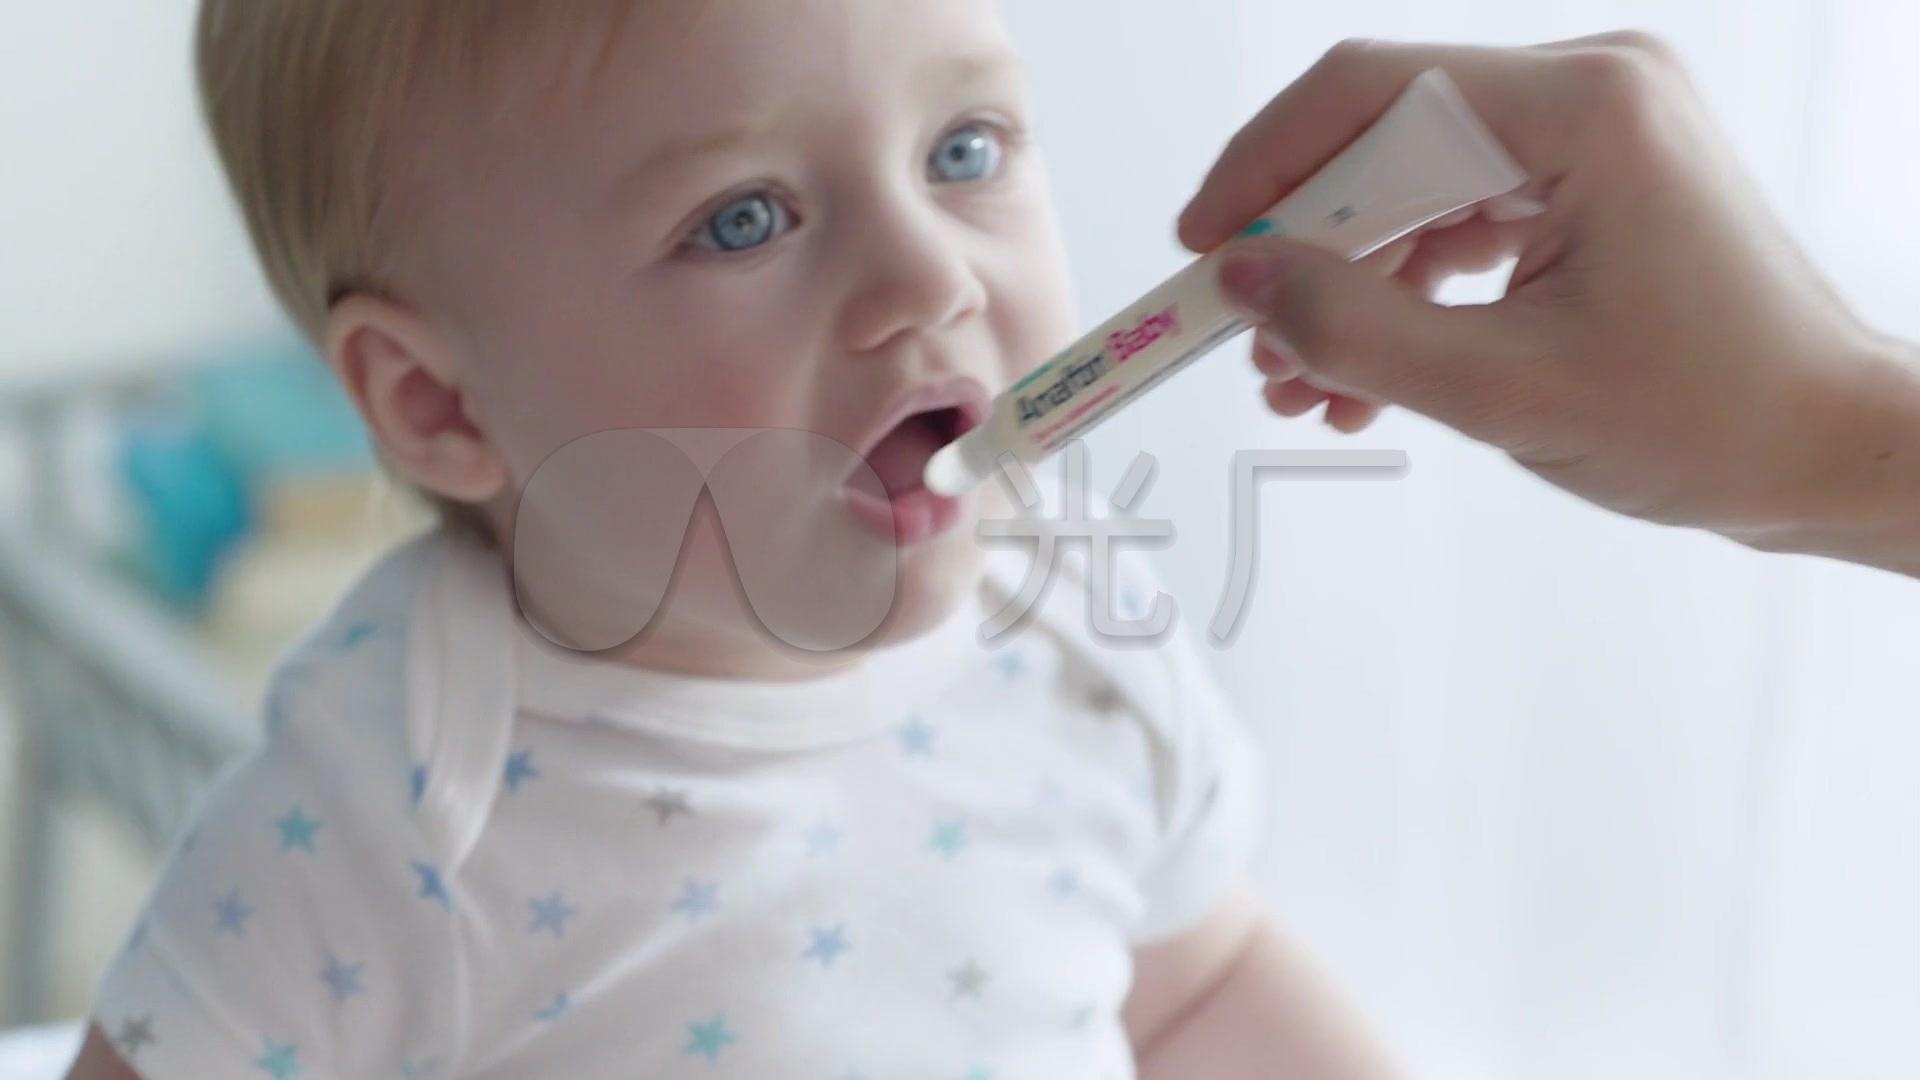 宝宝口欲期咬手指牙胶哭闹玩耍视频素材_192